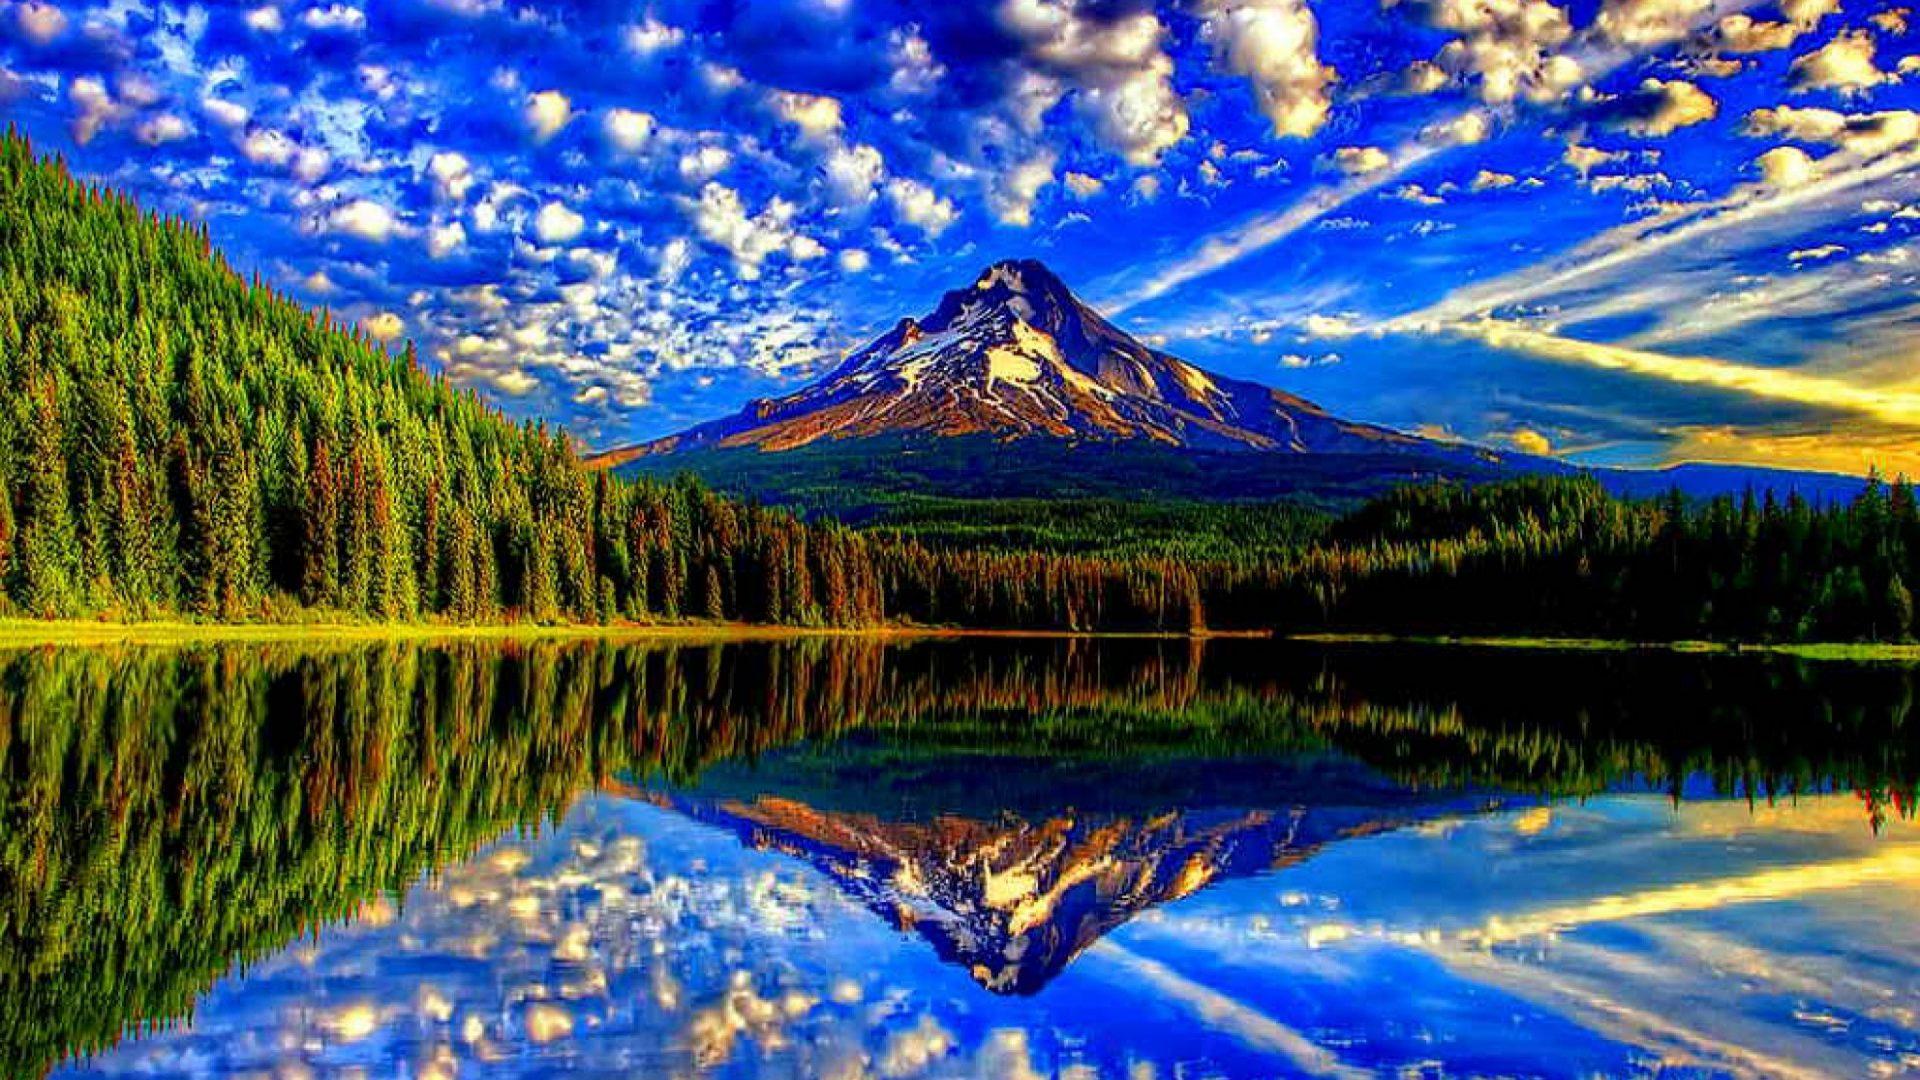 World Most Beautiful Nature - HD Wallpaper